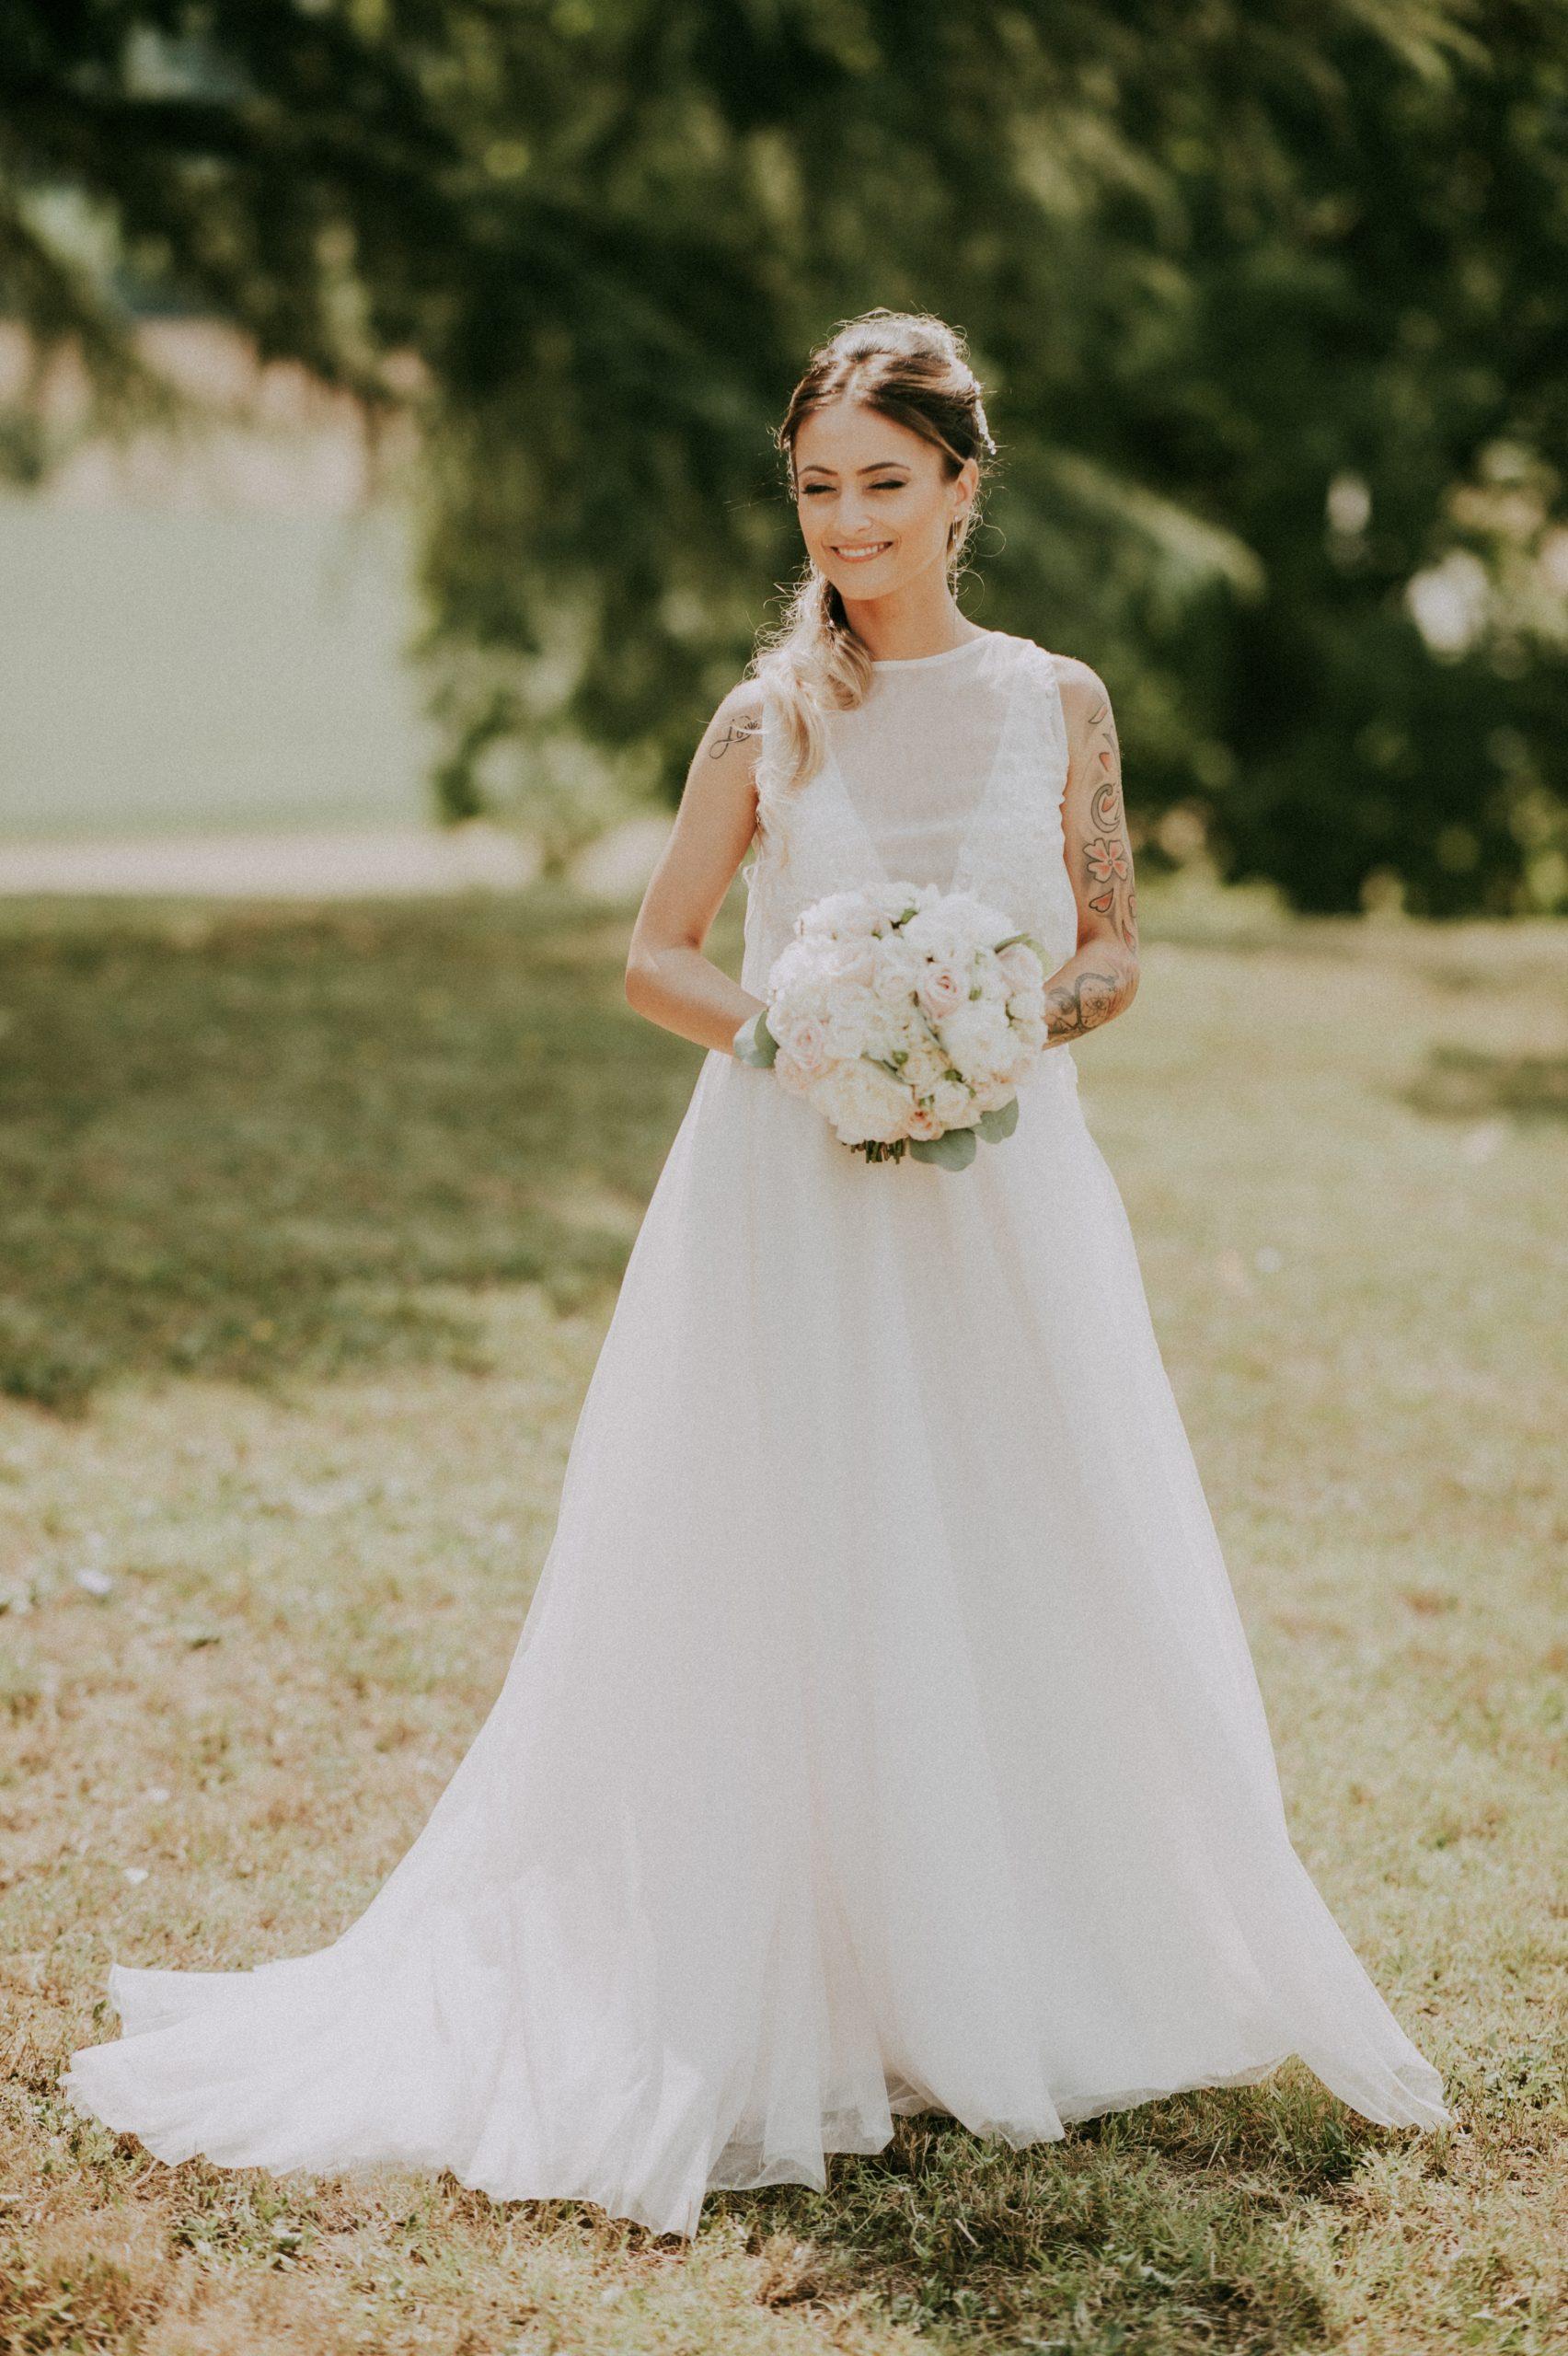 bellissima sposa con abito e braccia tatuate scoperte